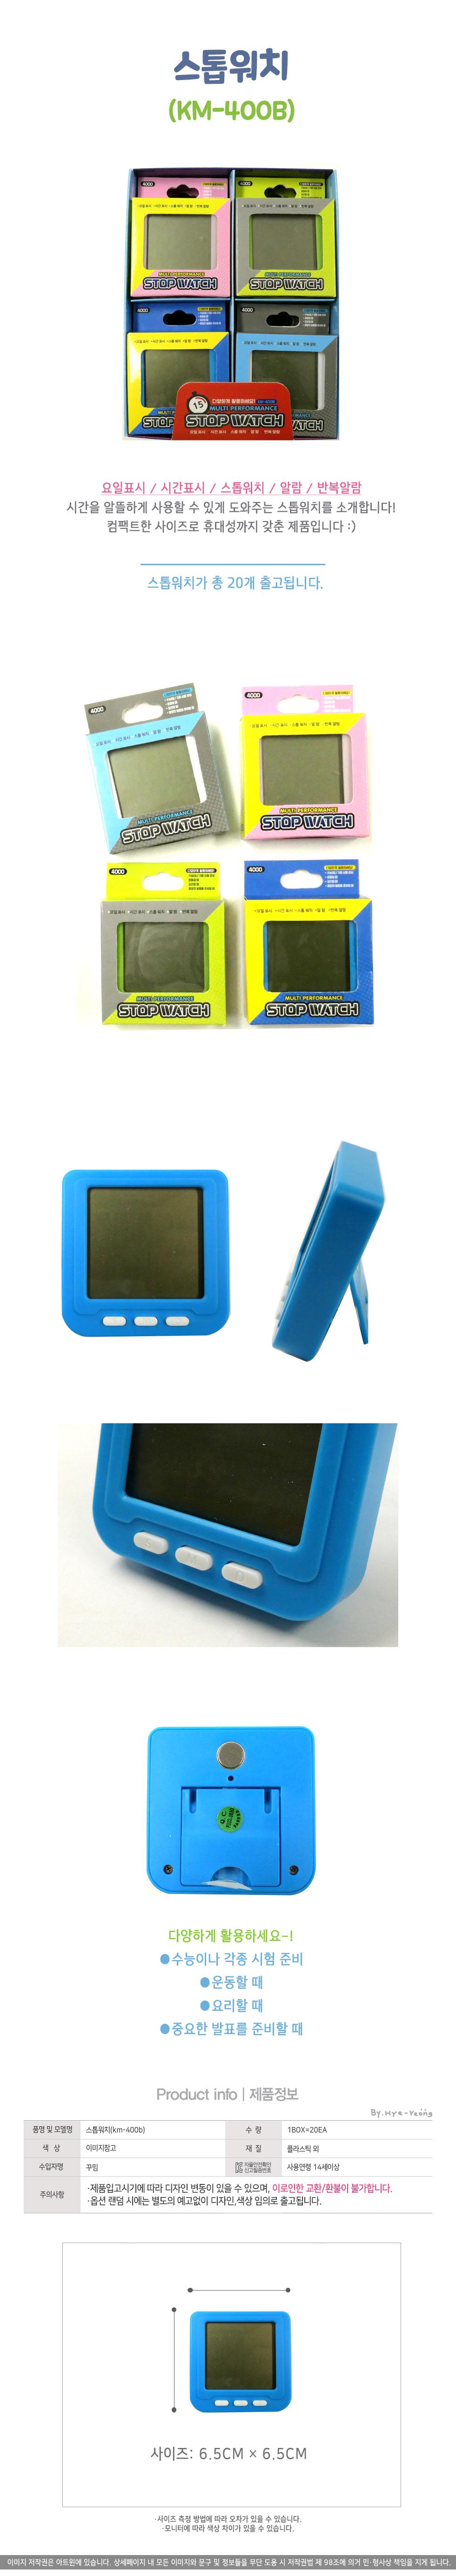 4000스톱워치(KM-400B)BOX(20).jpg